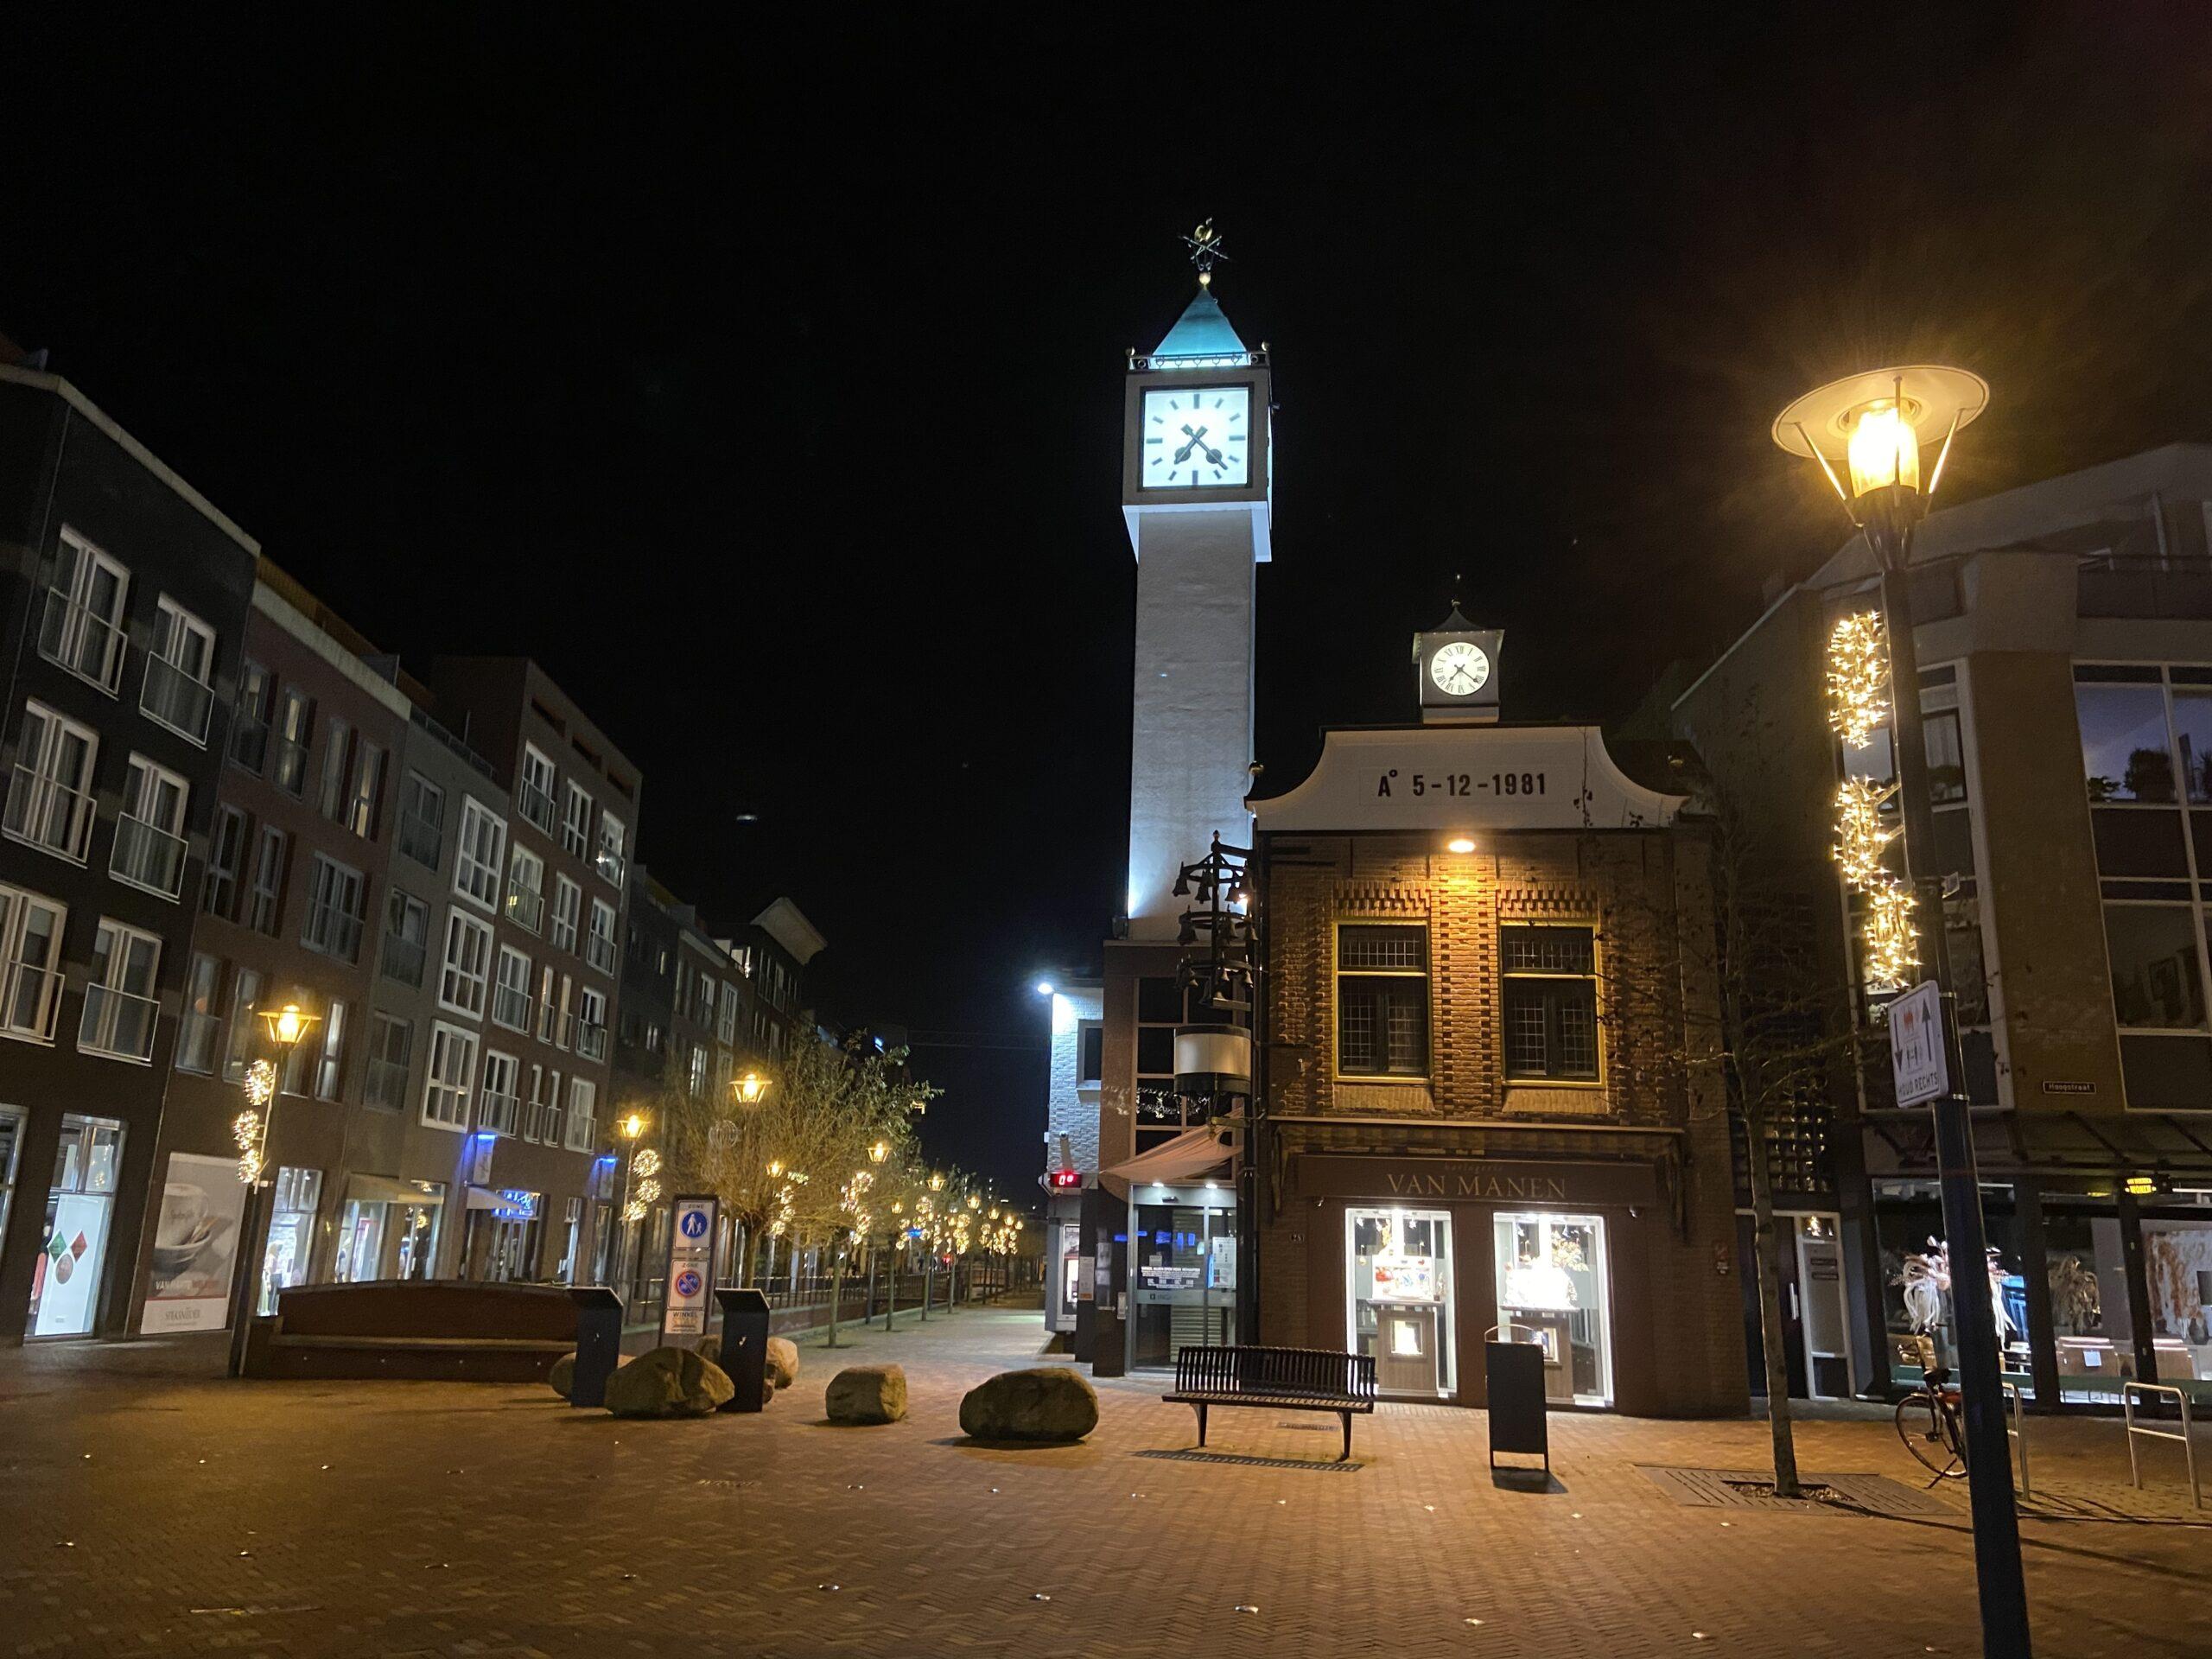 Rondje door het centrum van Veenendaal